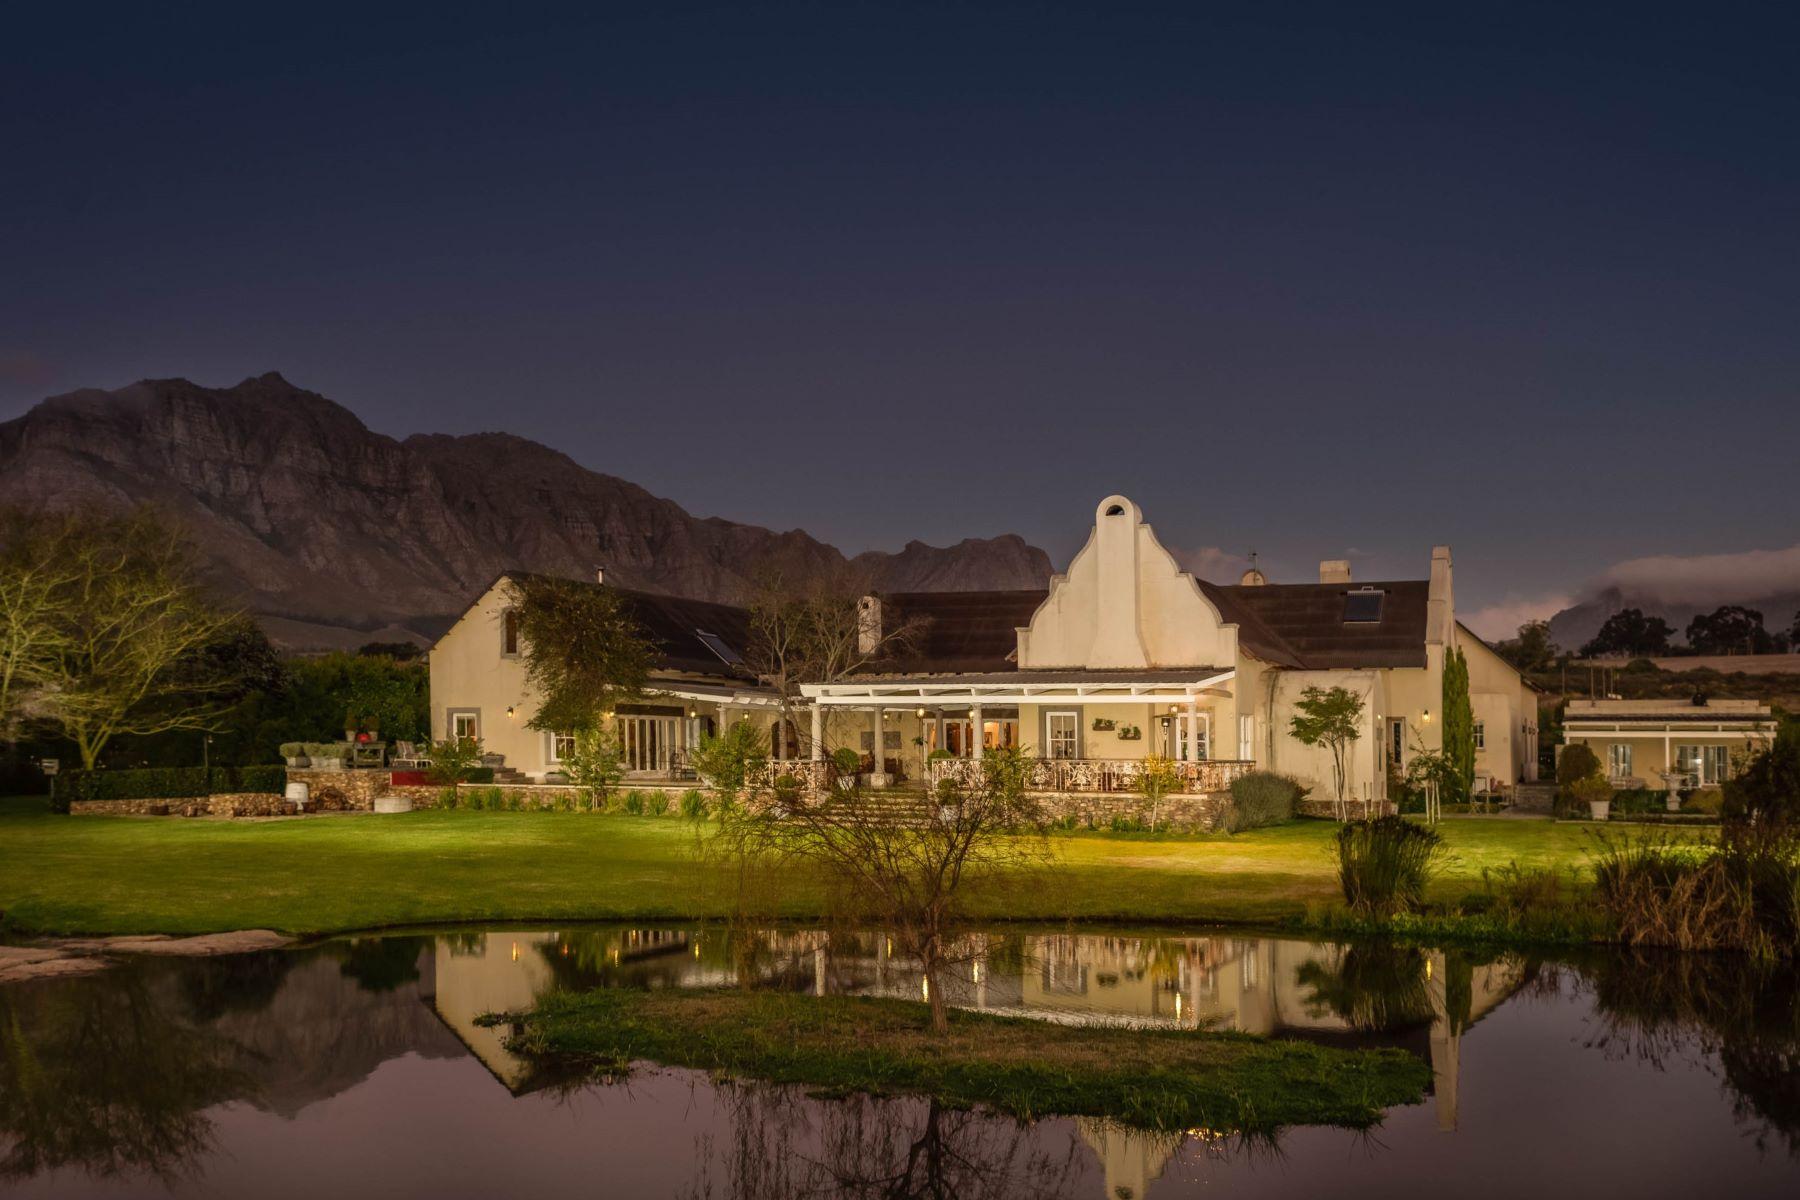 独户住宅 为 销售 在 Unique Stellenbosch Lifestyle Property Patrysvlei 斯泰伦博斯, 西开普省, 7600 南非